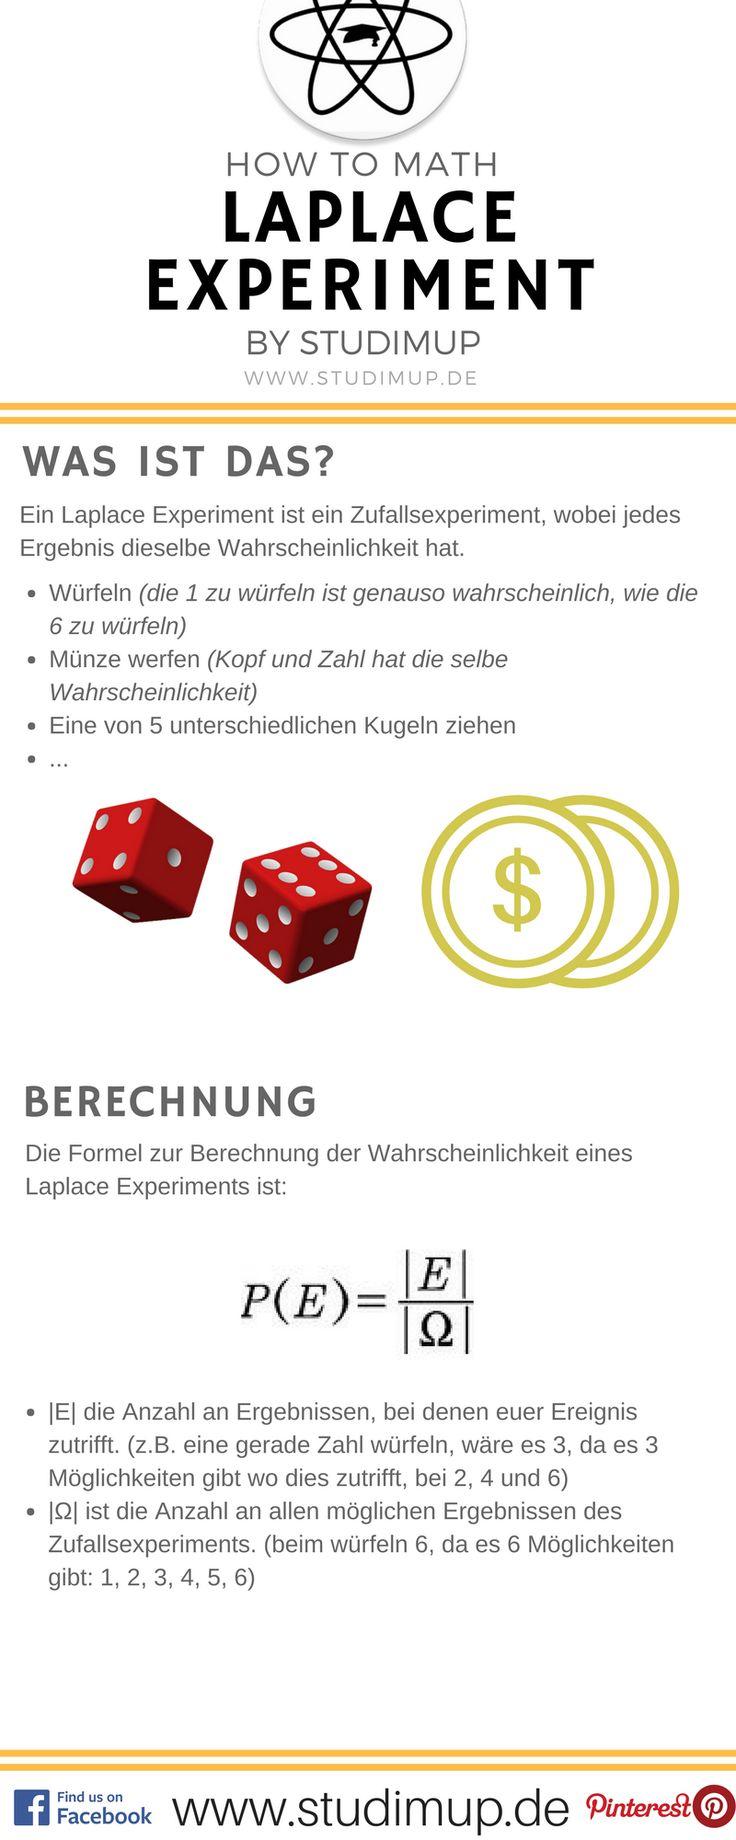 Das Laplace Experiment im Spickzettel erklärt von Studimup. Mathe einfach lernen für die Schule.